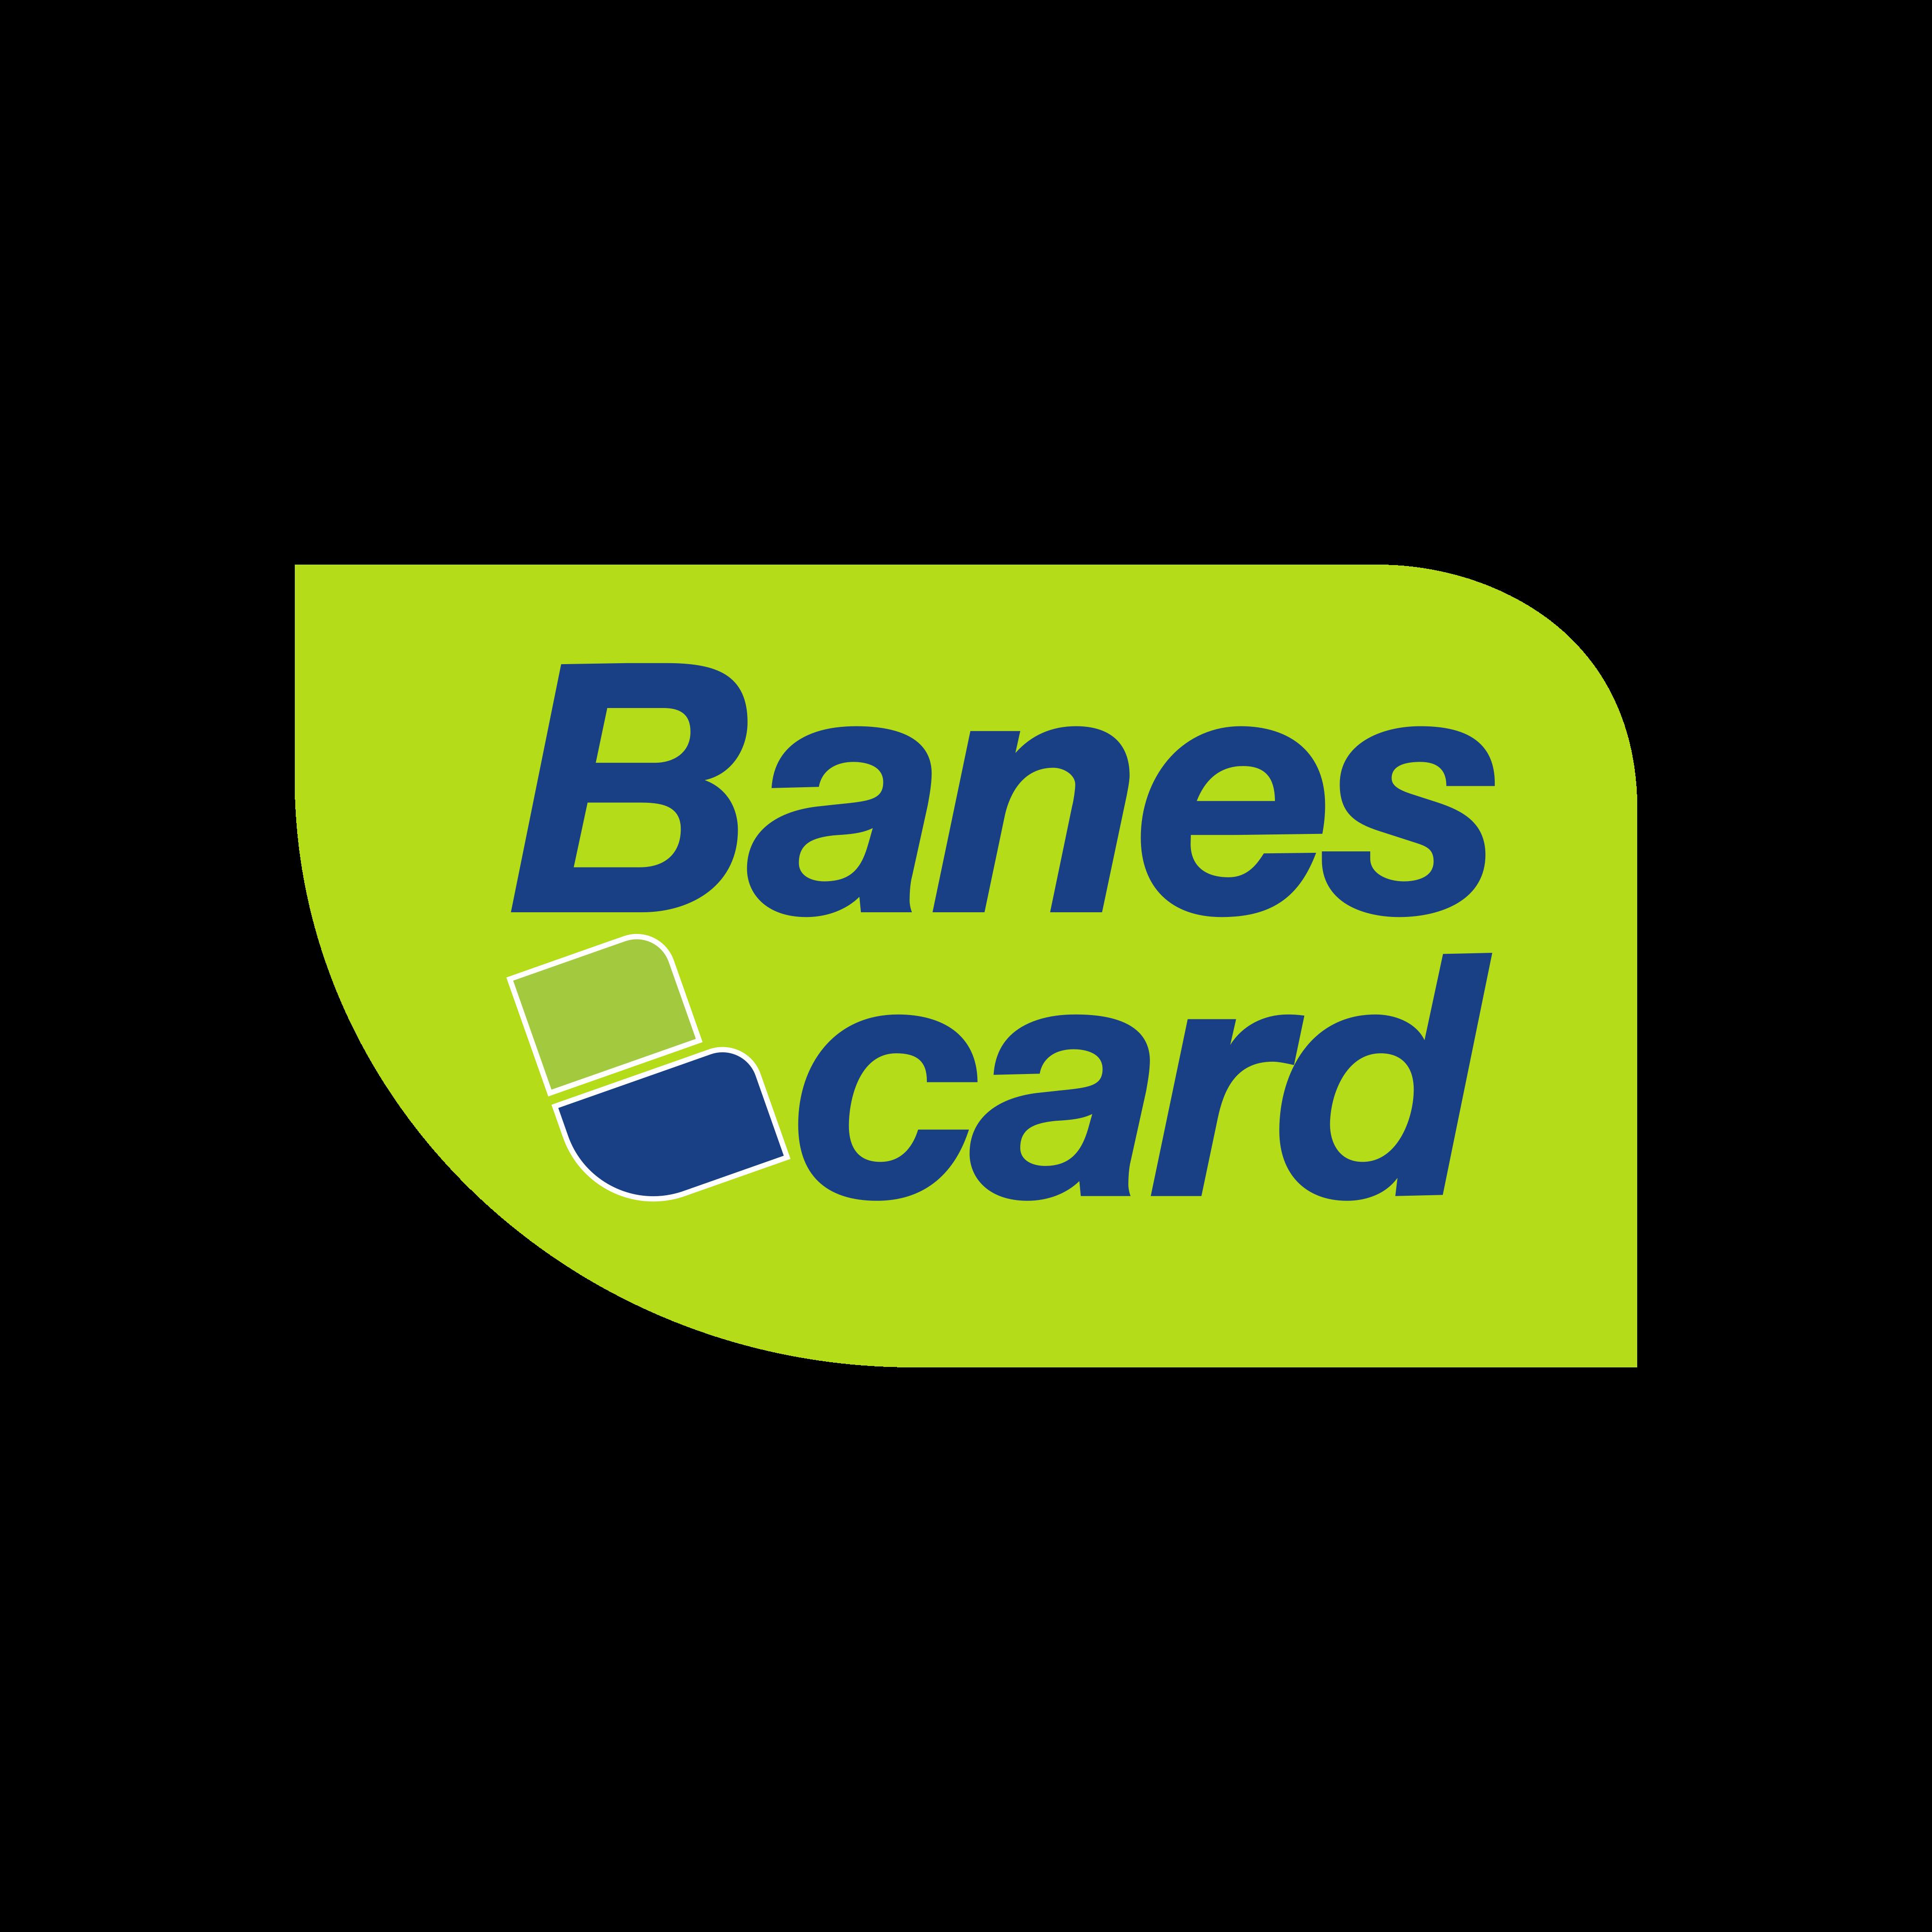 banescard logo 0 - Banescard Logo